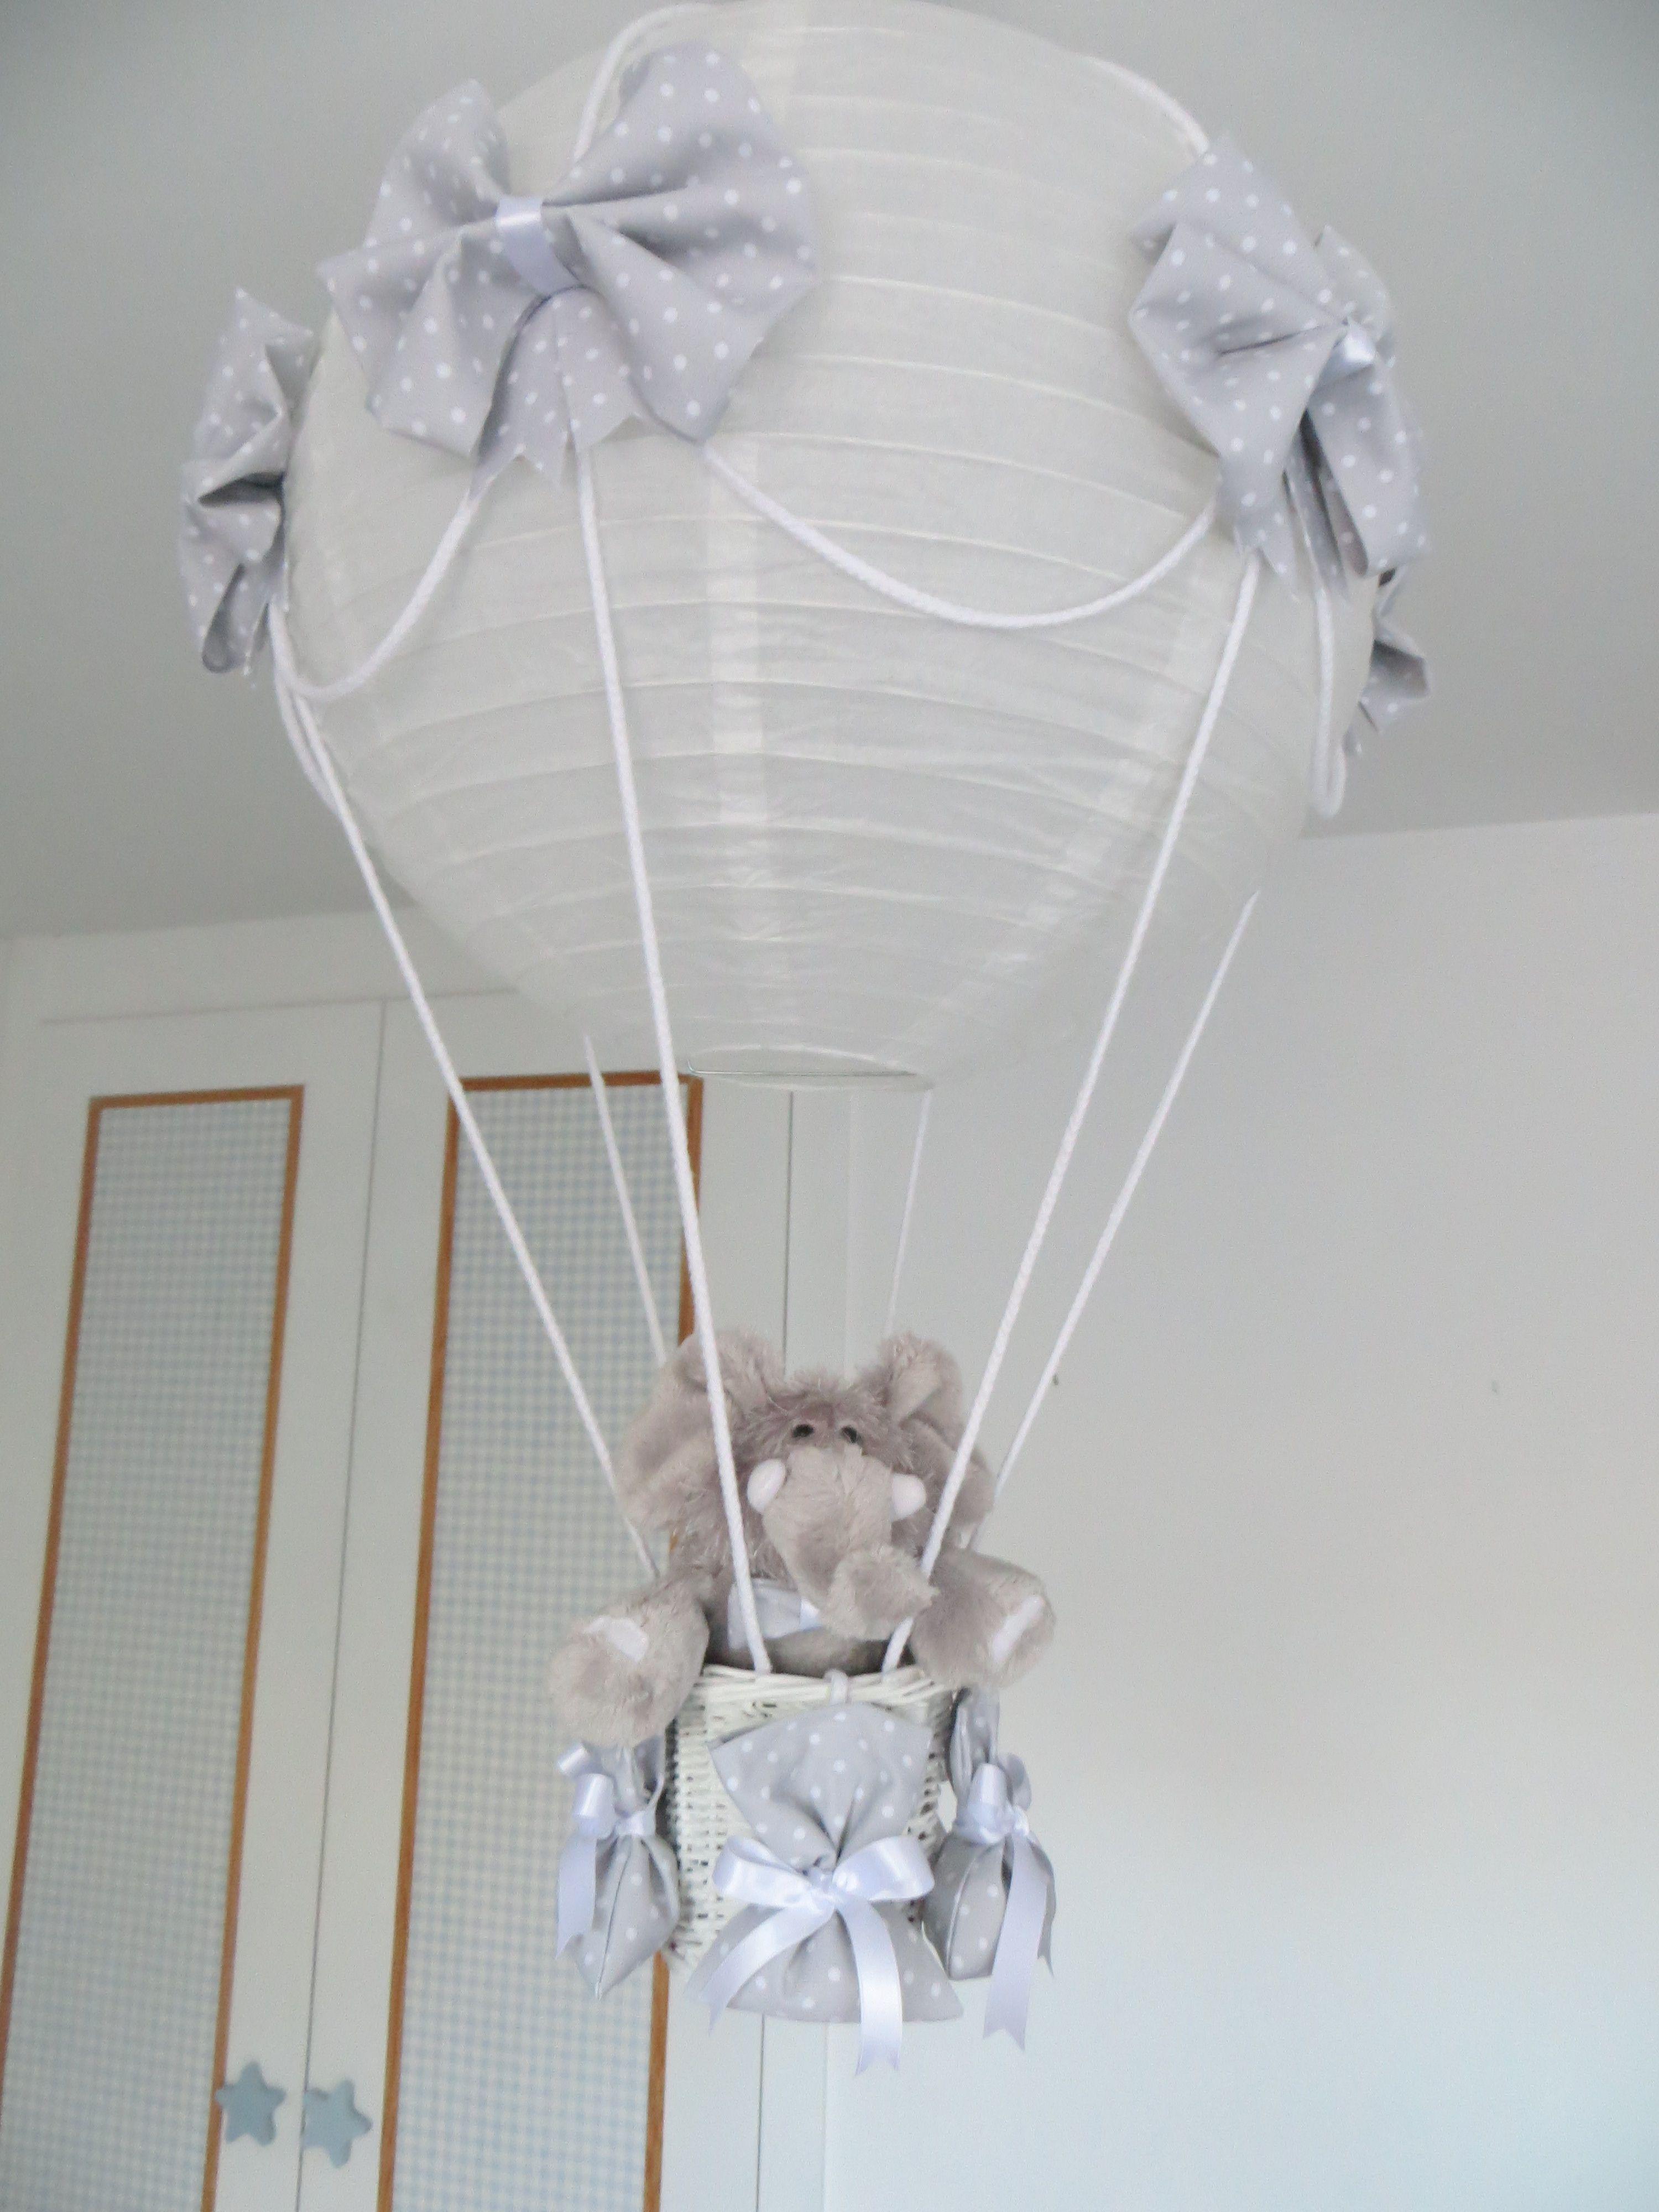 Realizamos lamparas para decorar la habitaci n de tu bebe - Lamparas de techo para ninas ...